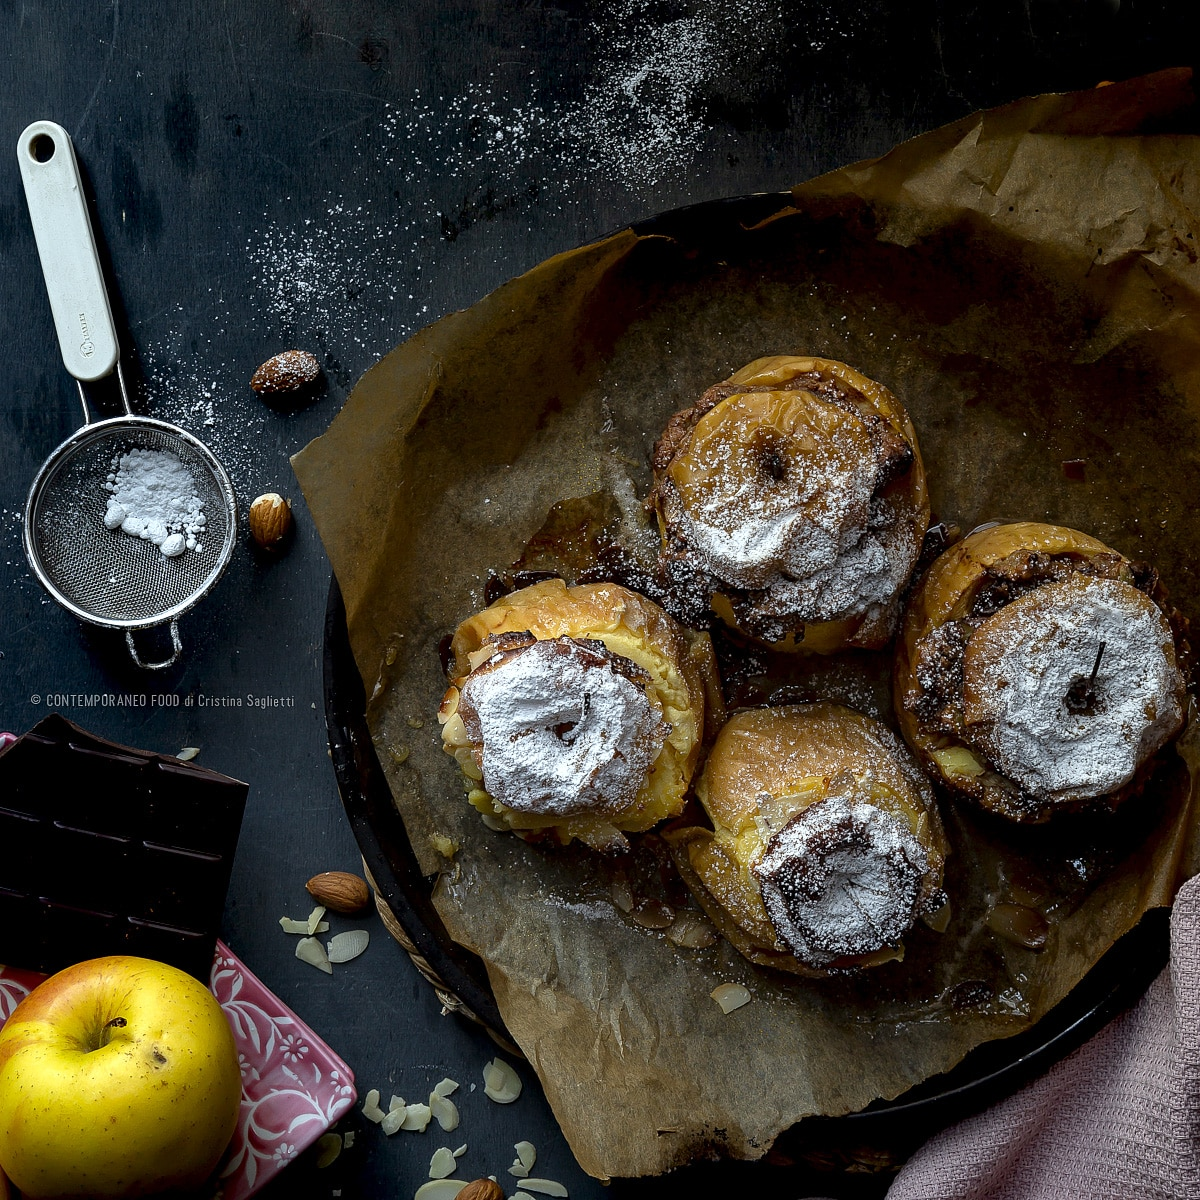 mele-ripiene-di-crema-leggera-alla-cannella-ricetta-last-minute-dolce-veloce-facile-contemporaneo-food